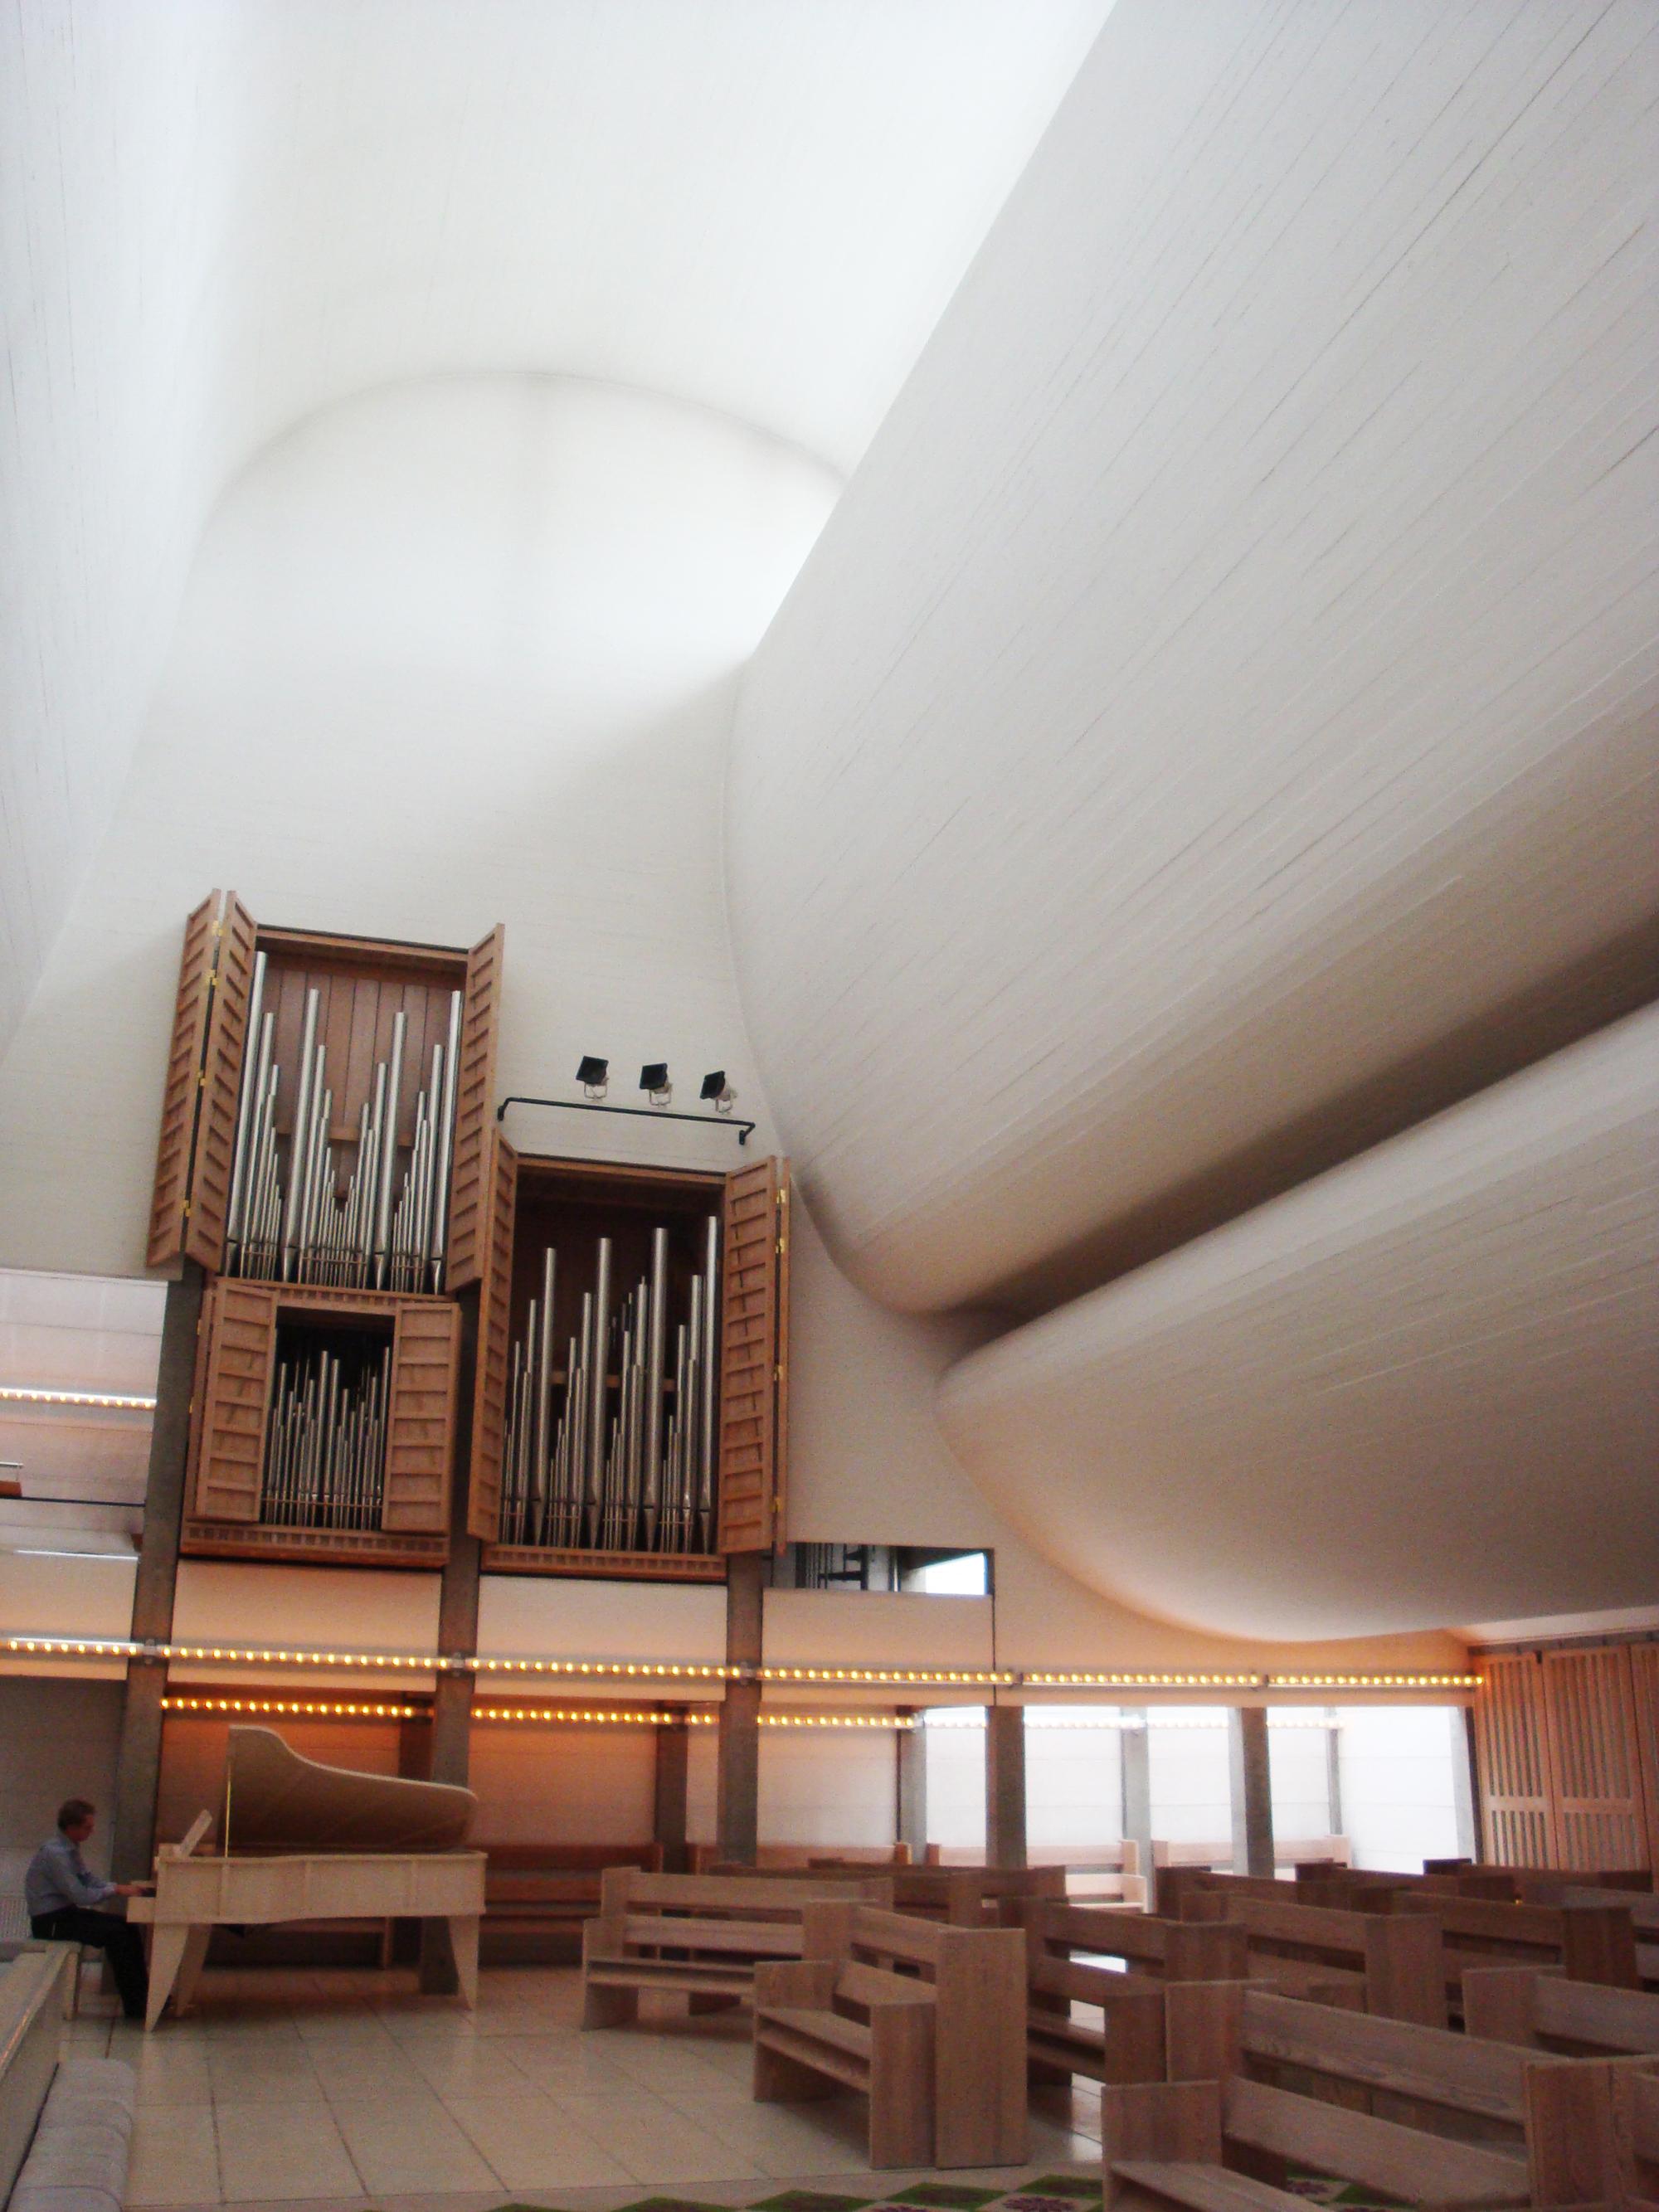 Jørn Utzen's Bagsvœrd Church